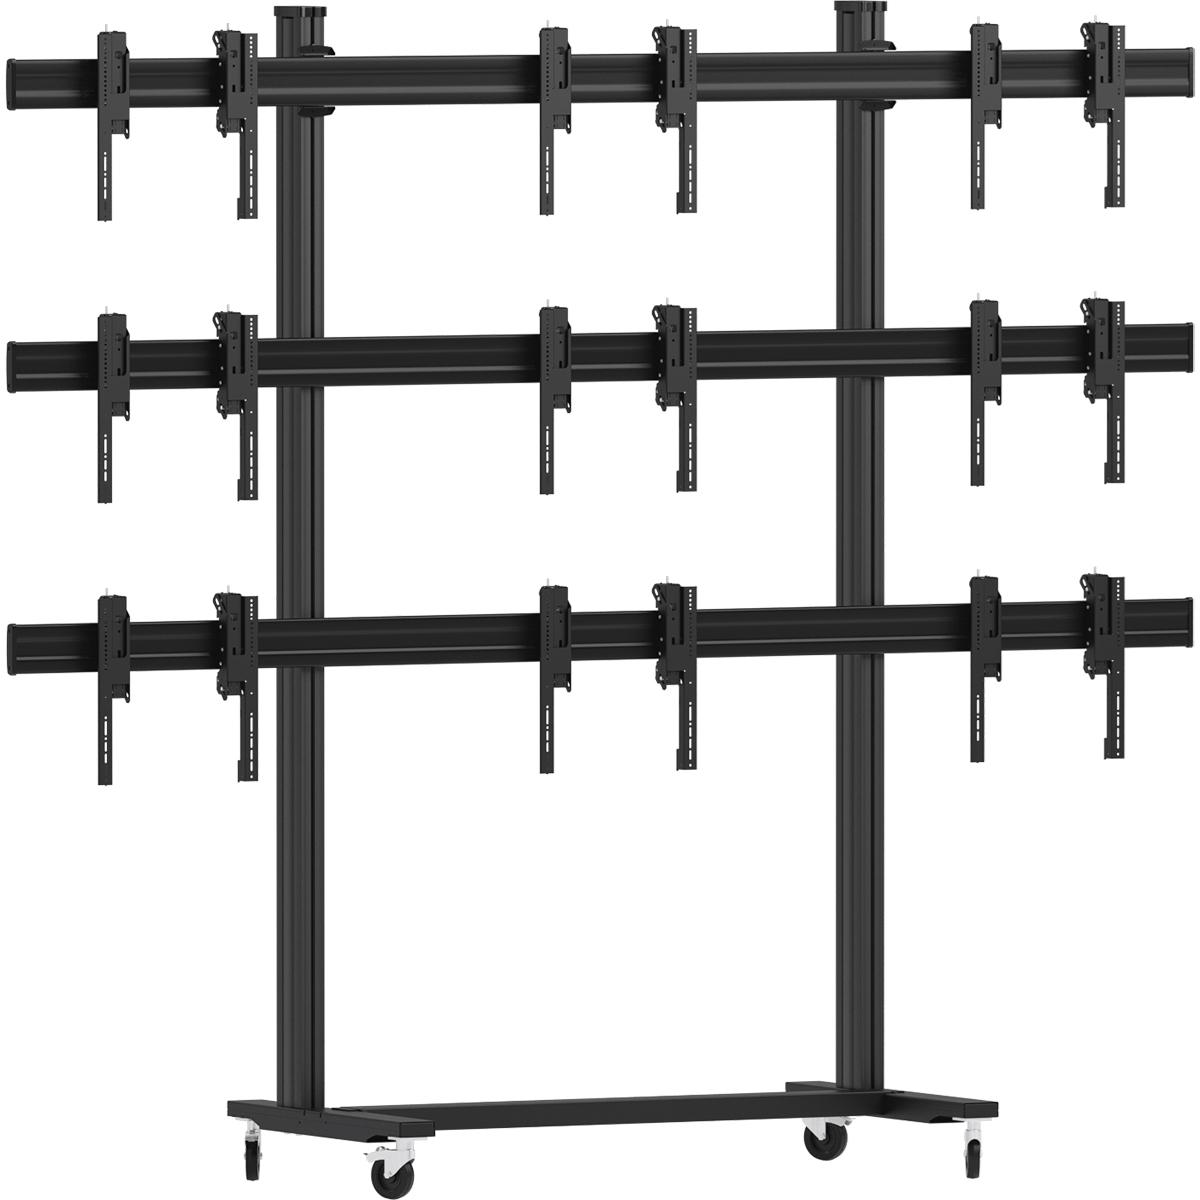 Vogels FT3344 Black - Напольный мобильный стенд для видеостены 3х3 из дисплеев диагональю 49–55'', альбомная ориентация, макс. нагрузка 396 кг